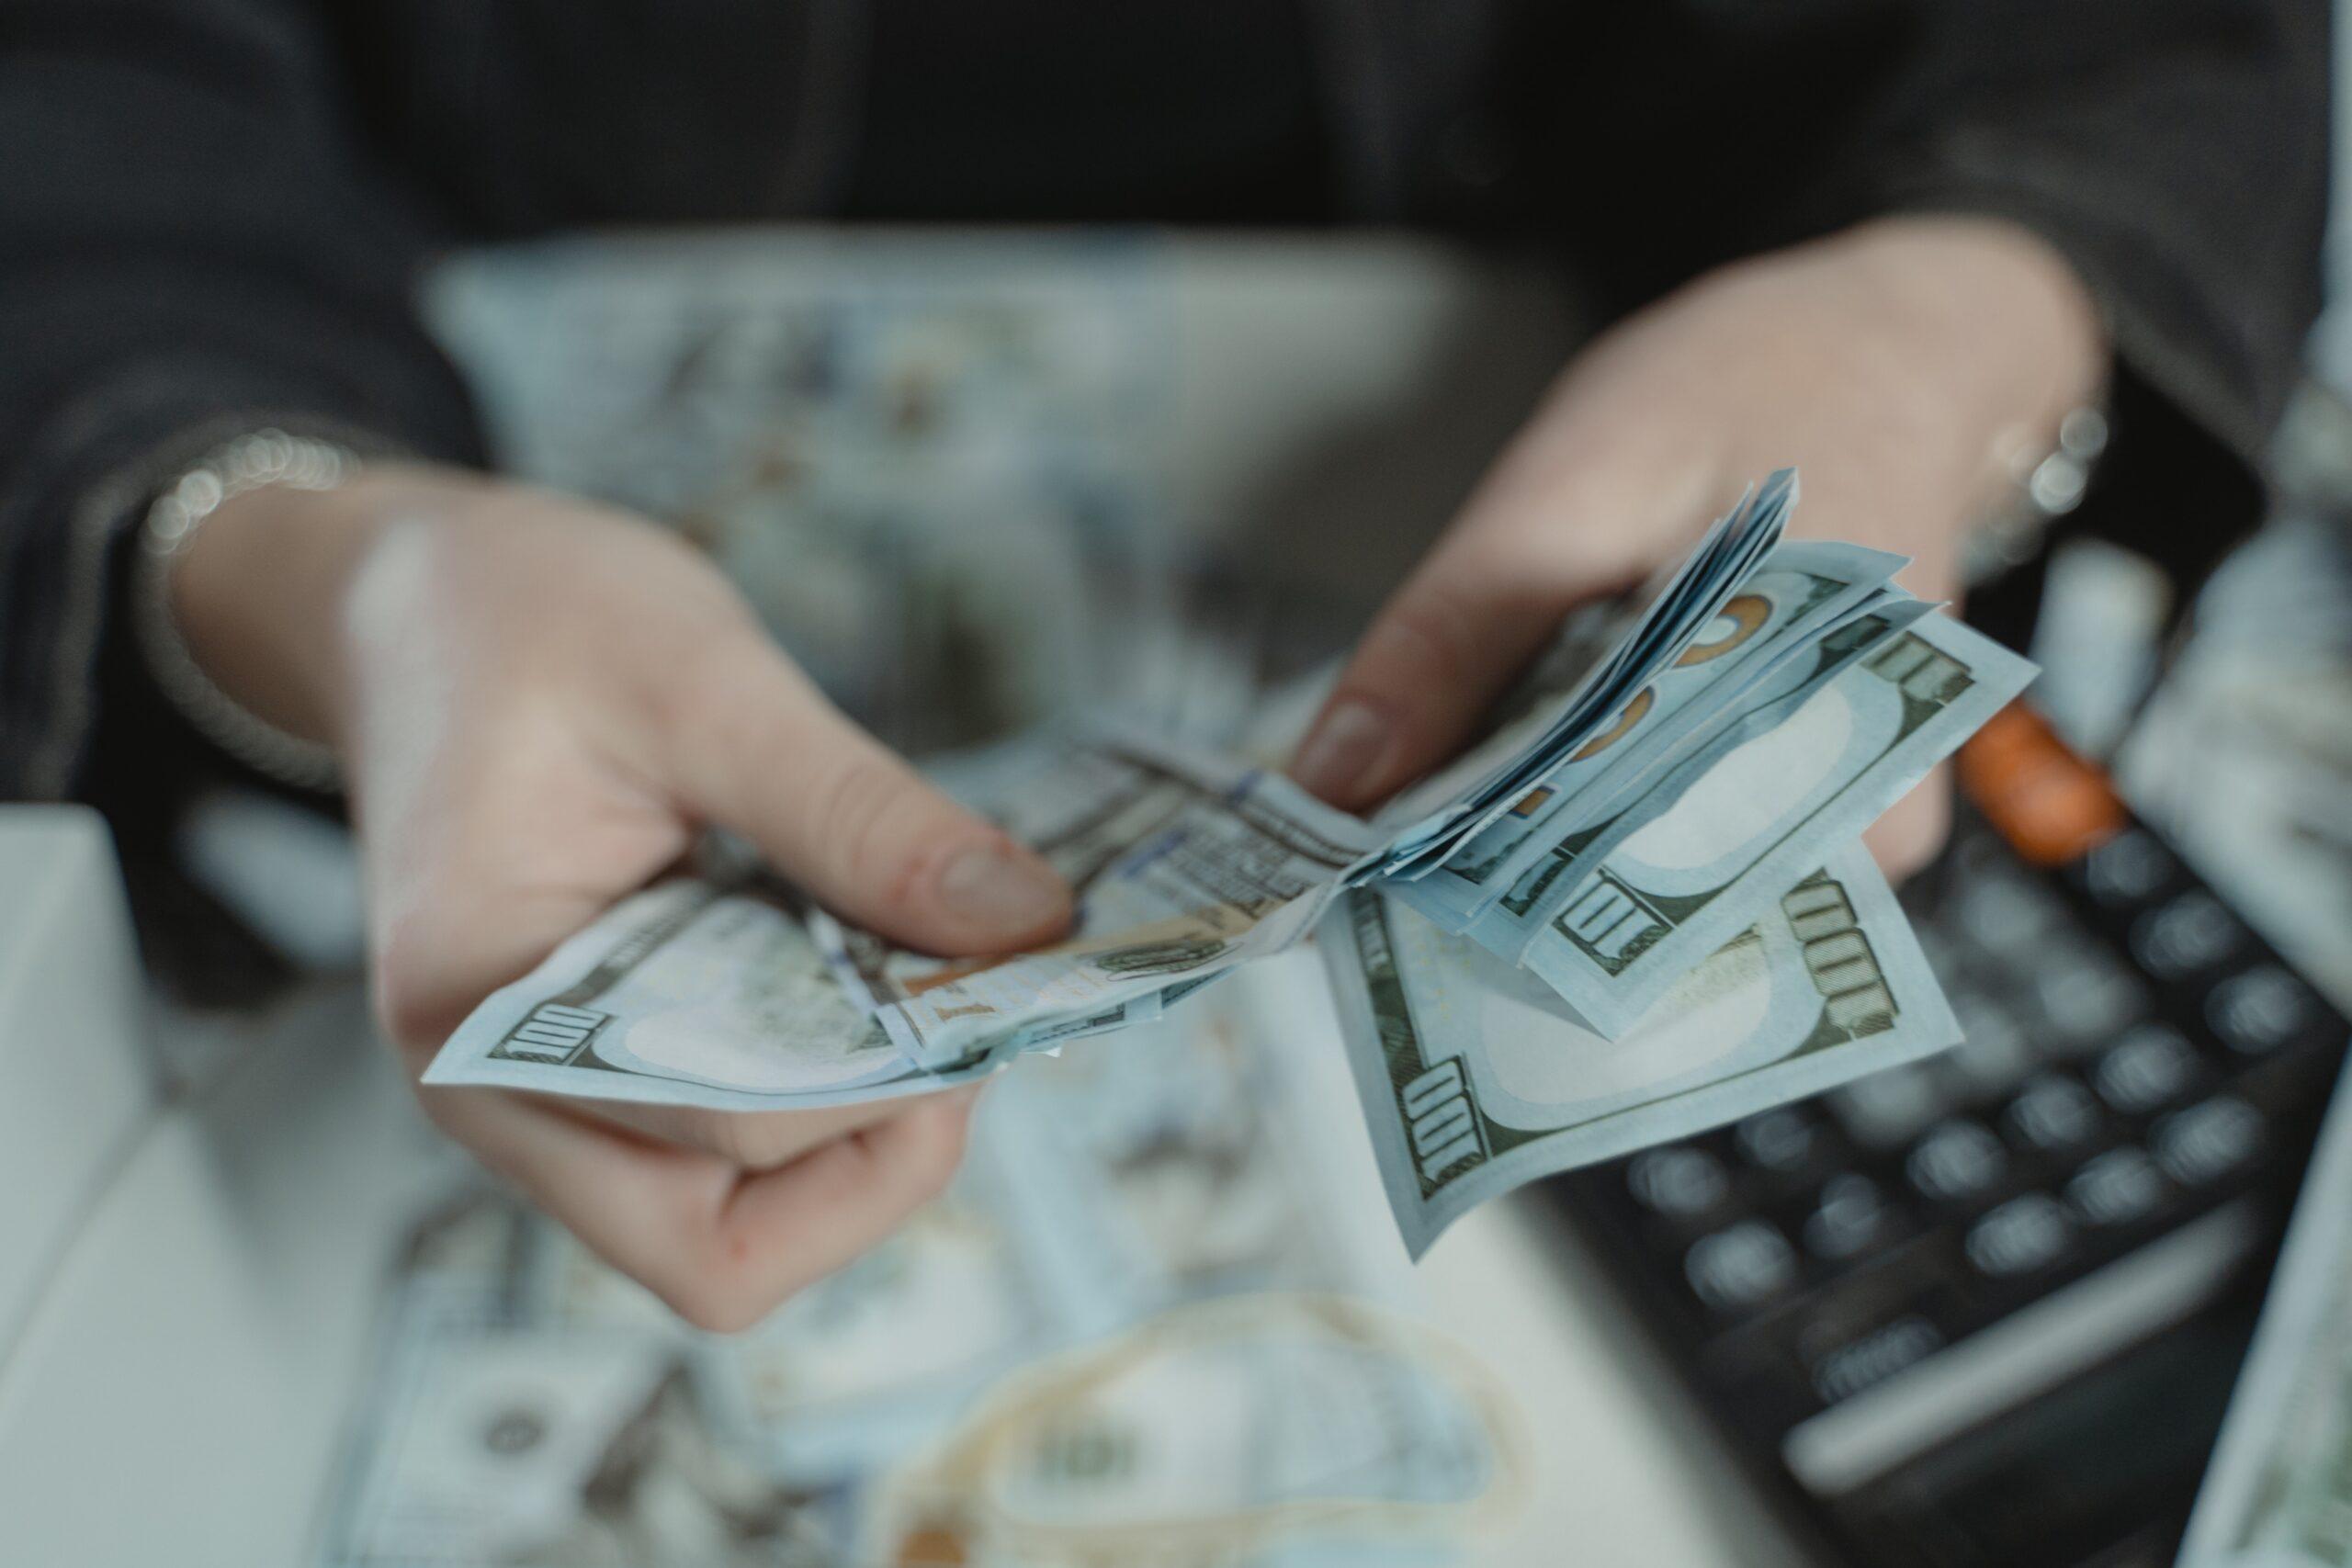 Адвокат по статье 176 УК РФ Незаконное получение кредита в Москве и РФ, стоимость услуг адвоката